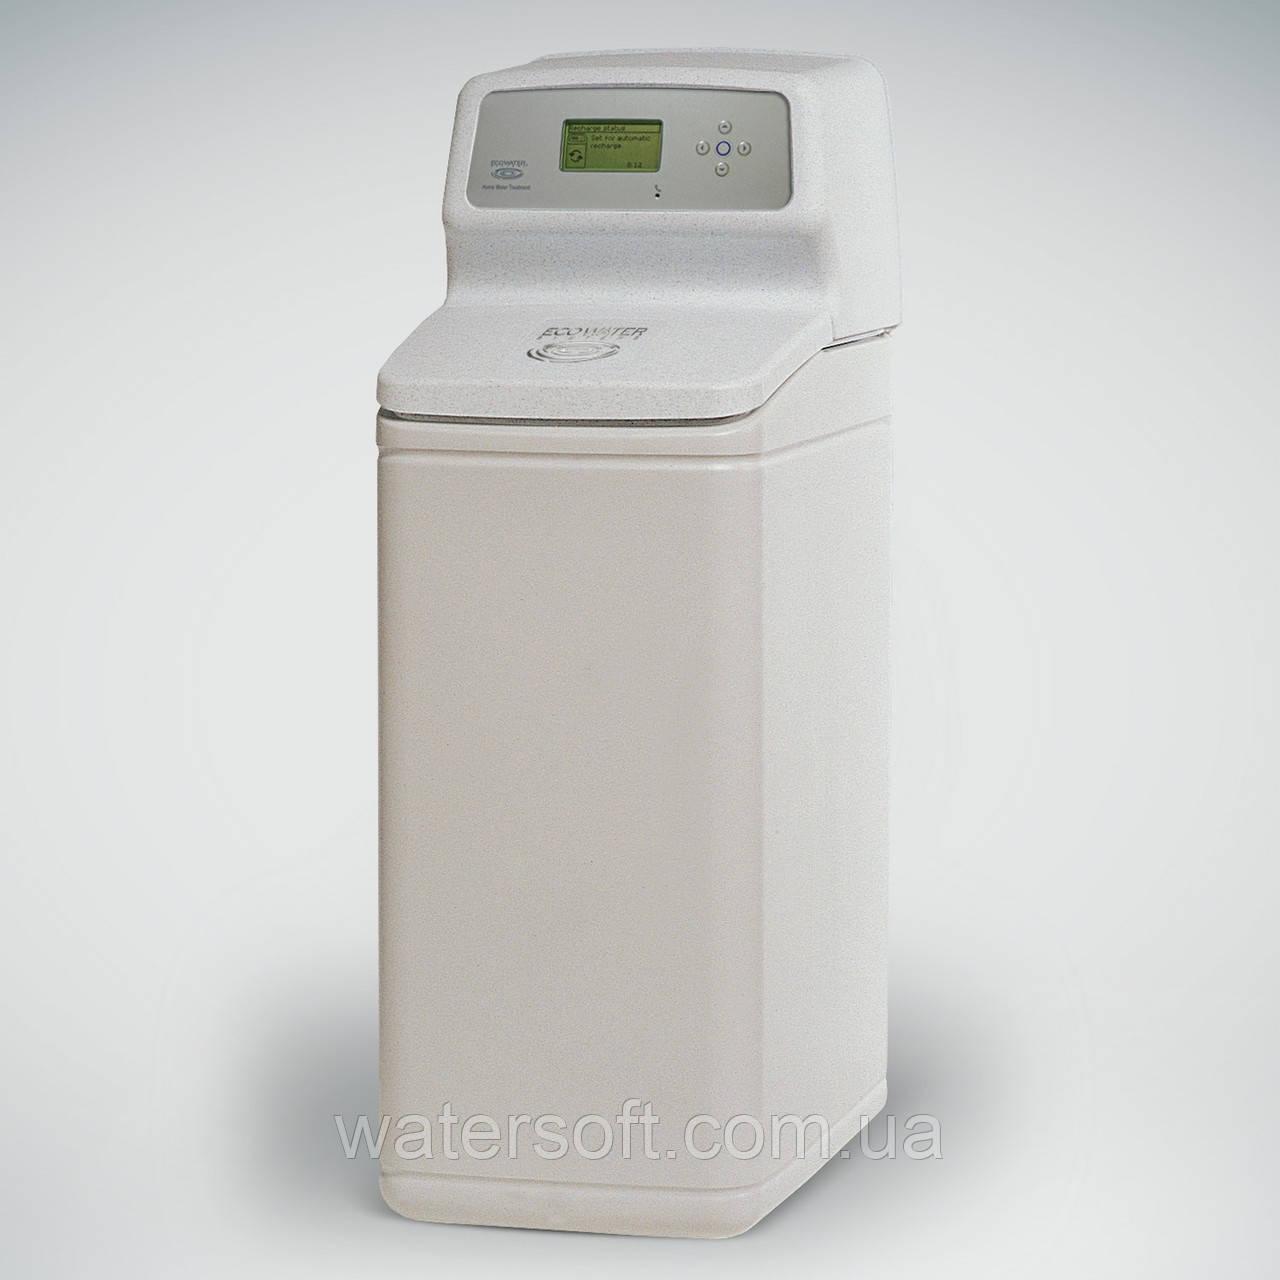 Фильтр-умягчитель воды Ecowater ESM-15